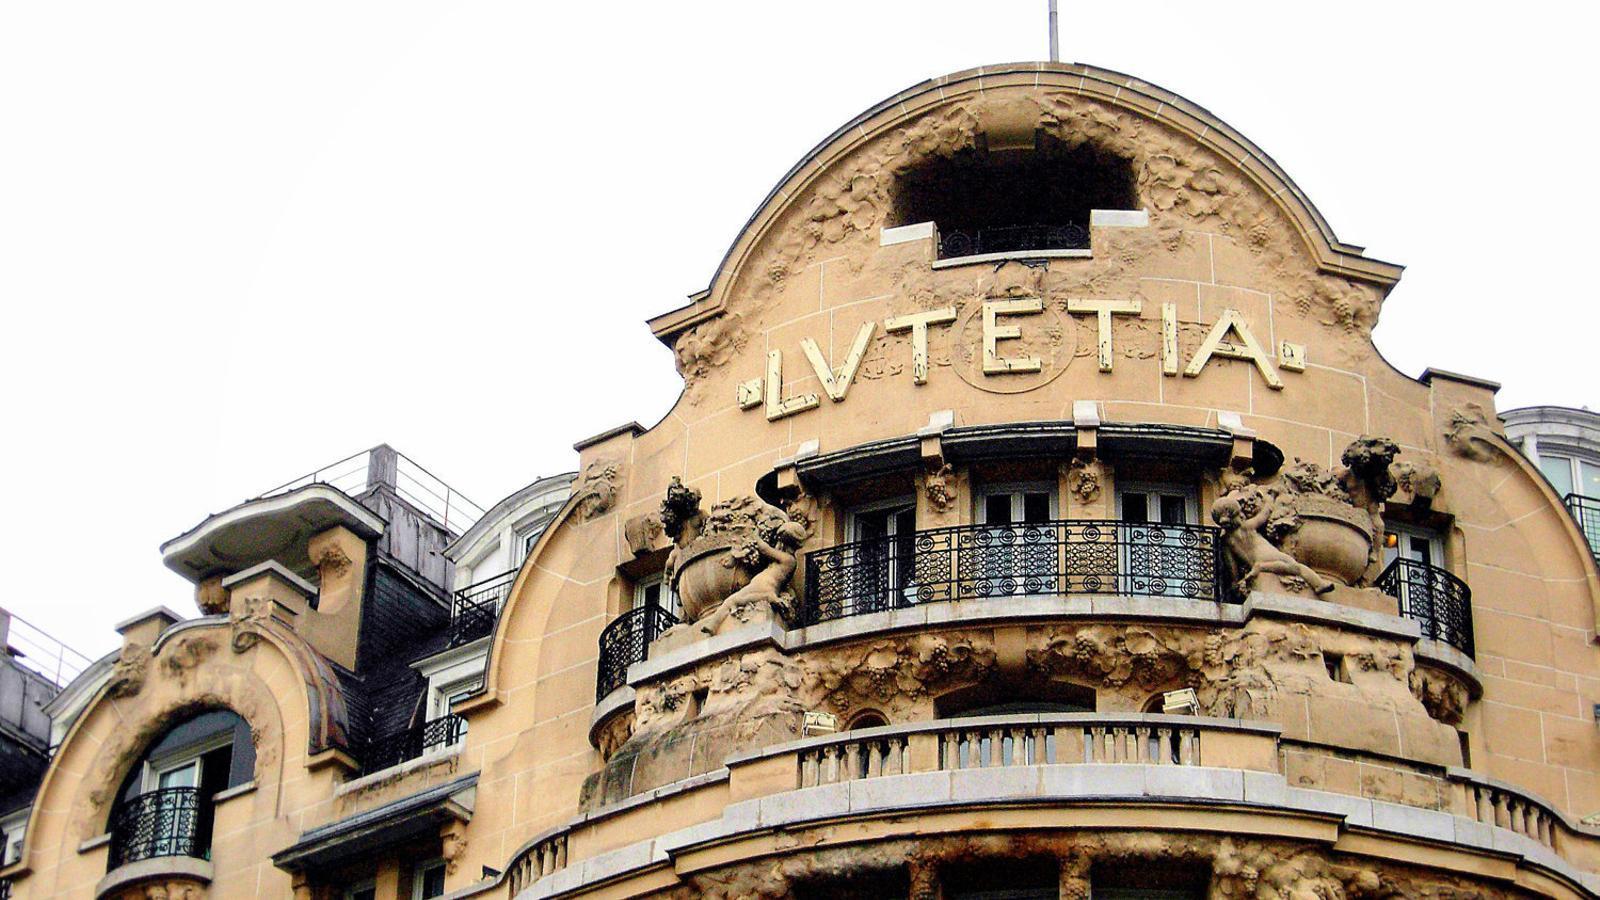 L'Hôtel Lutetia va ser en el seu moment tot un símbol de l'art déco francès.